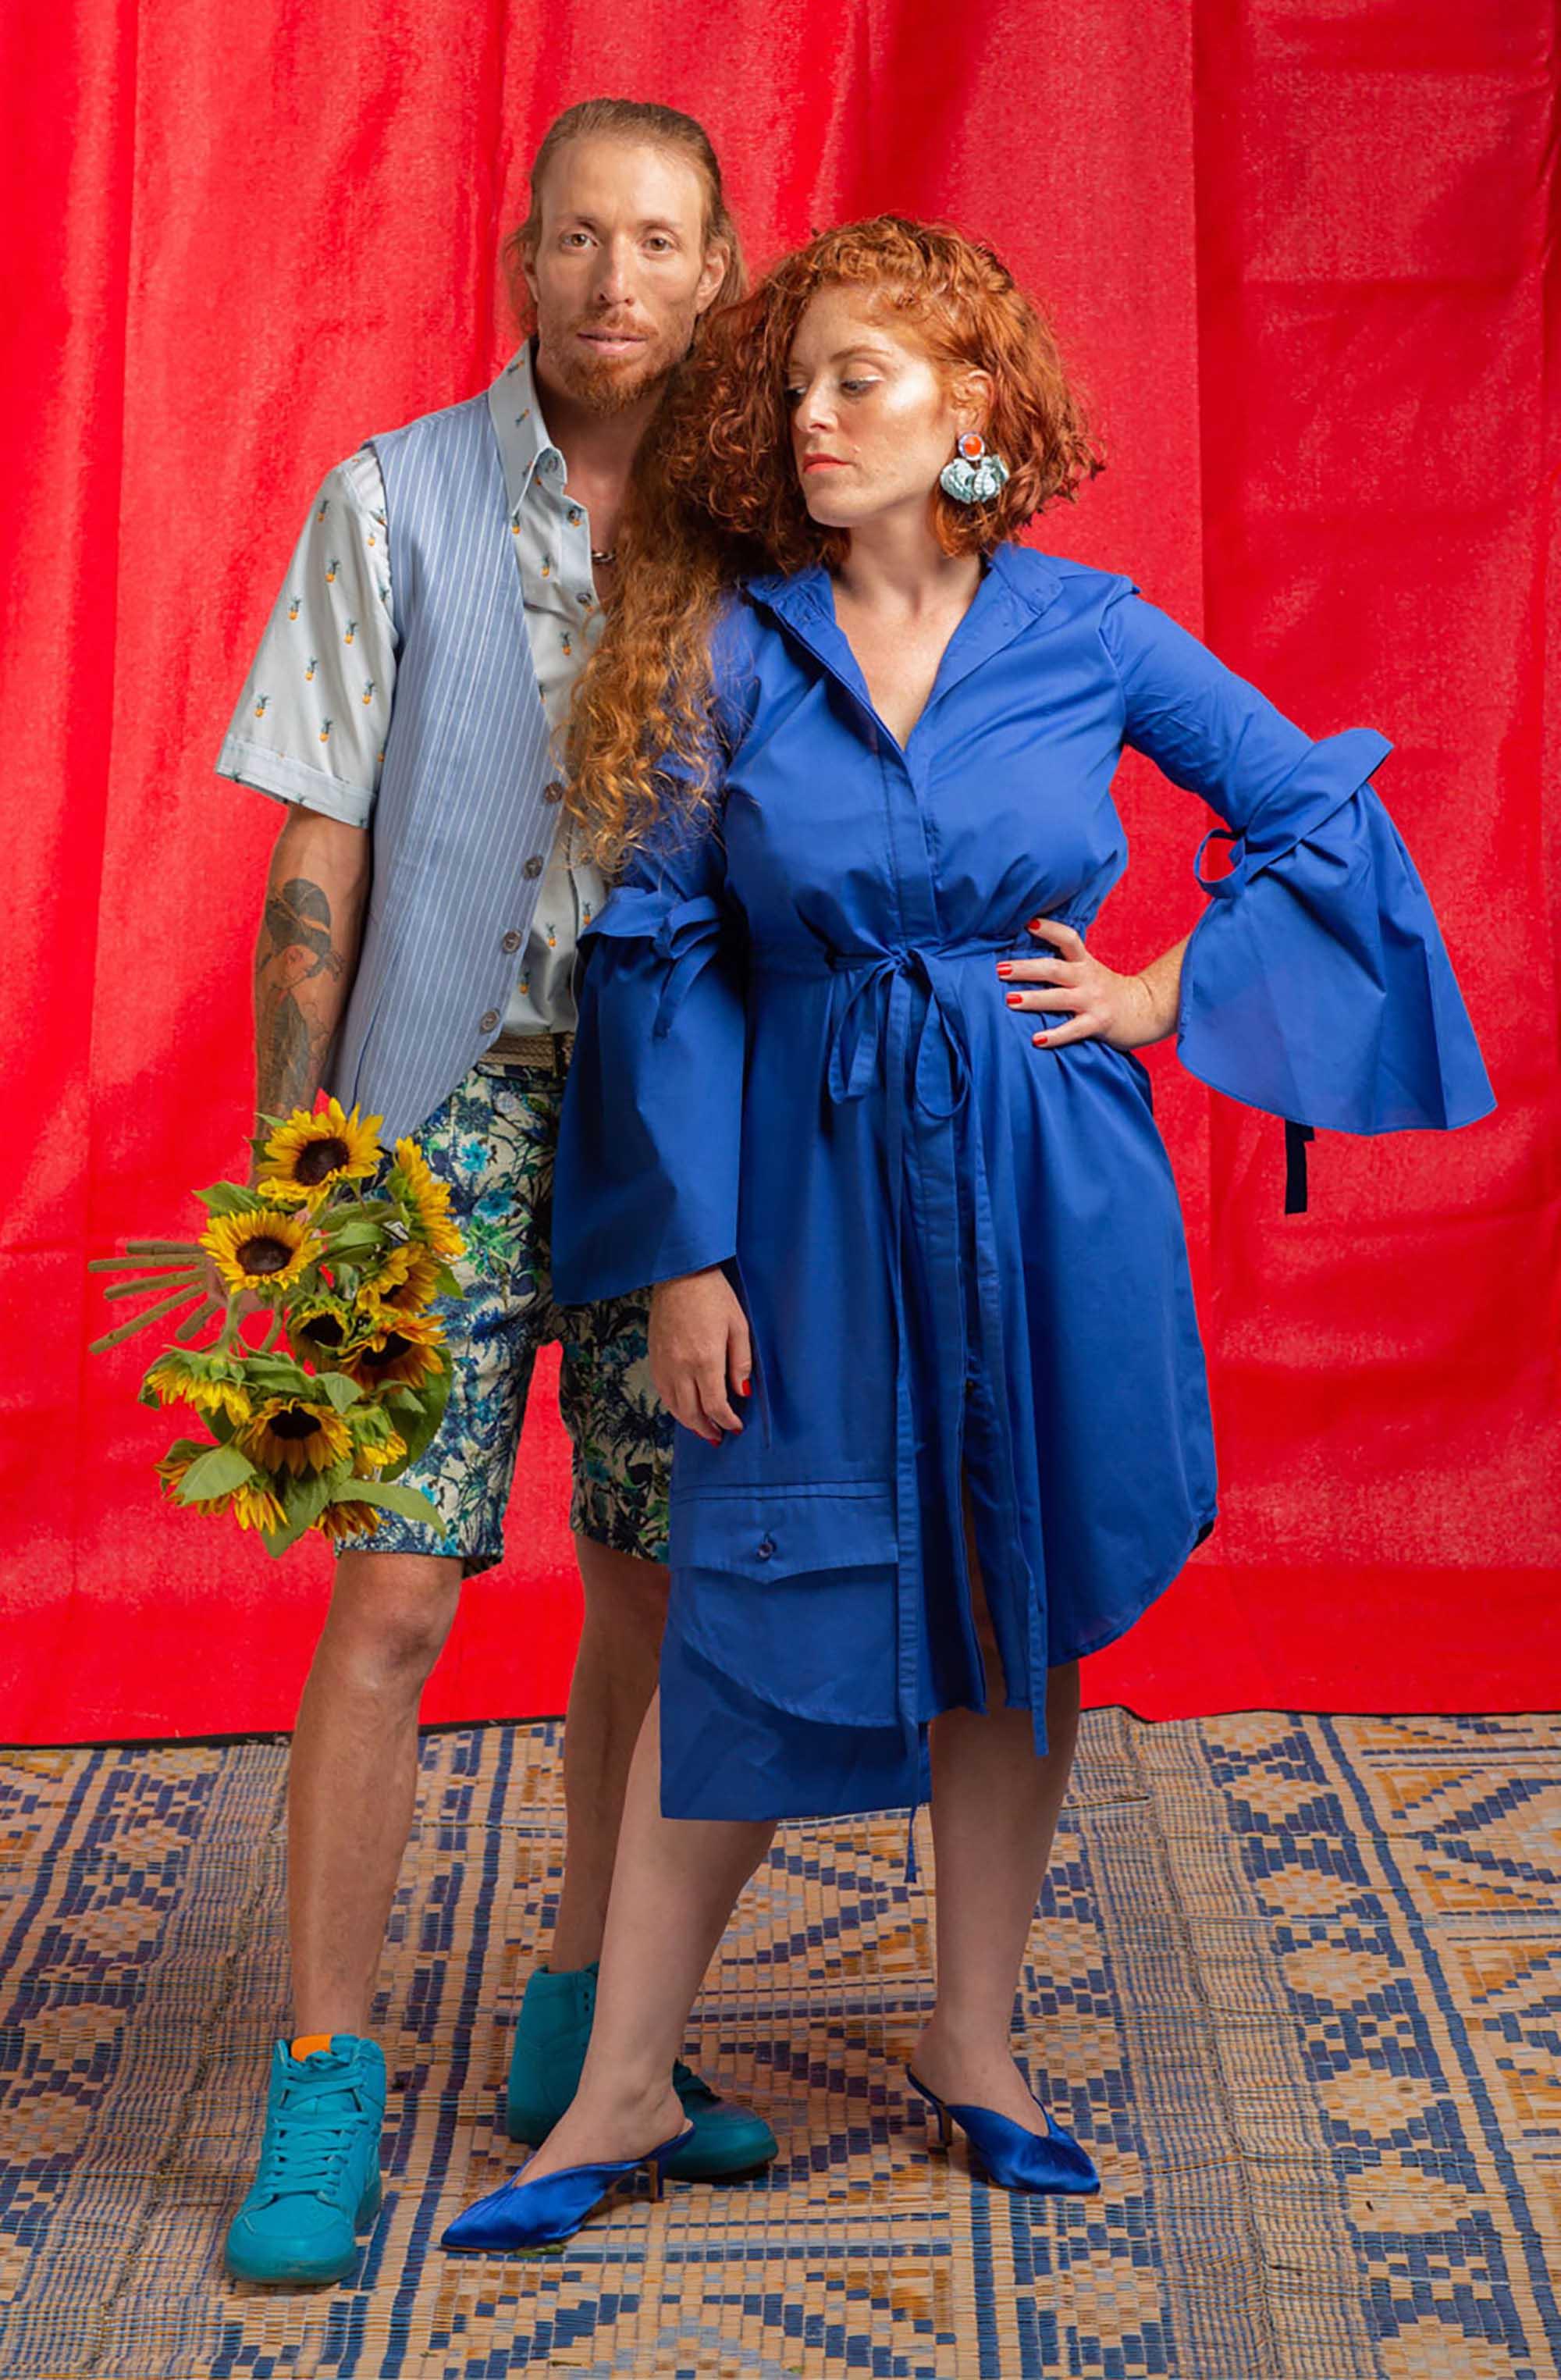 מפיק וצלם: נמרוד בר-און, סטיילינג: כרמן ברזיל, הודיה פיינגולד, איפור ועיצוב שיער: צופית ליבמן, דוגמנים: רונה שגב, איציק פרדו, עוזר צלם: שי בראל8 - 2020 חדשות אופנה 2020, כתבות אופנה 2020, טרנדים 2020, מגזין אופנה ישראלי, אופנה, Fashion Israel